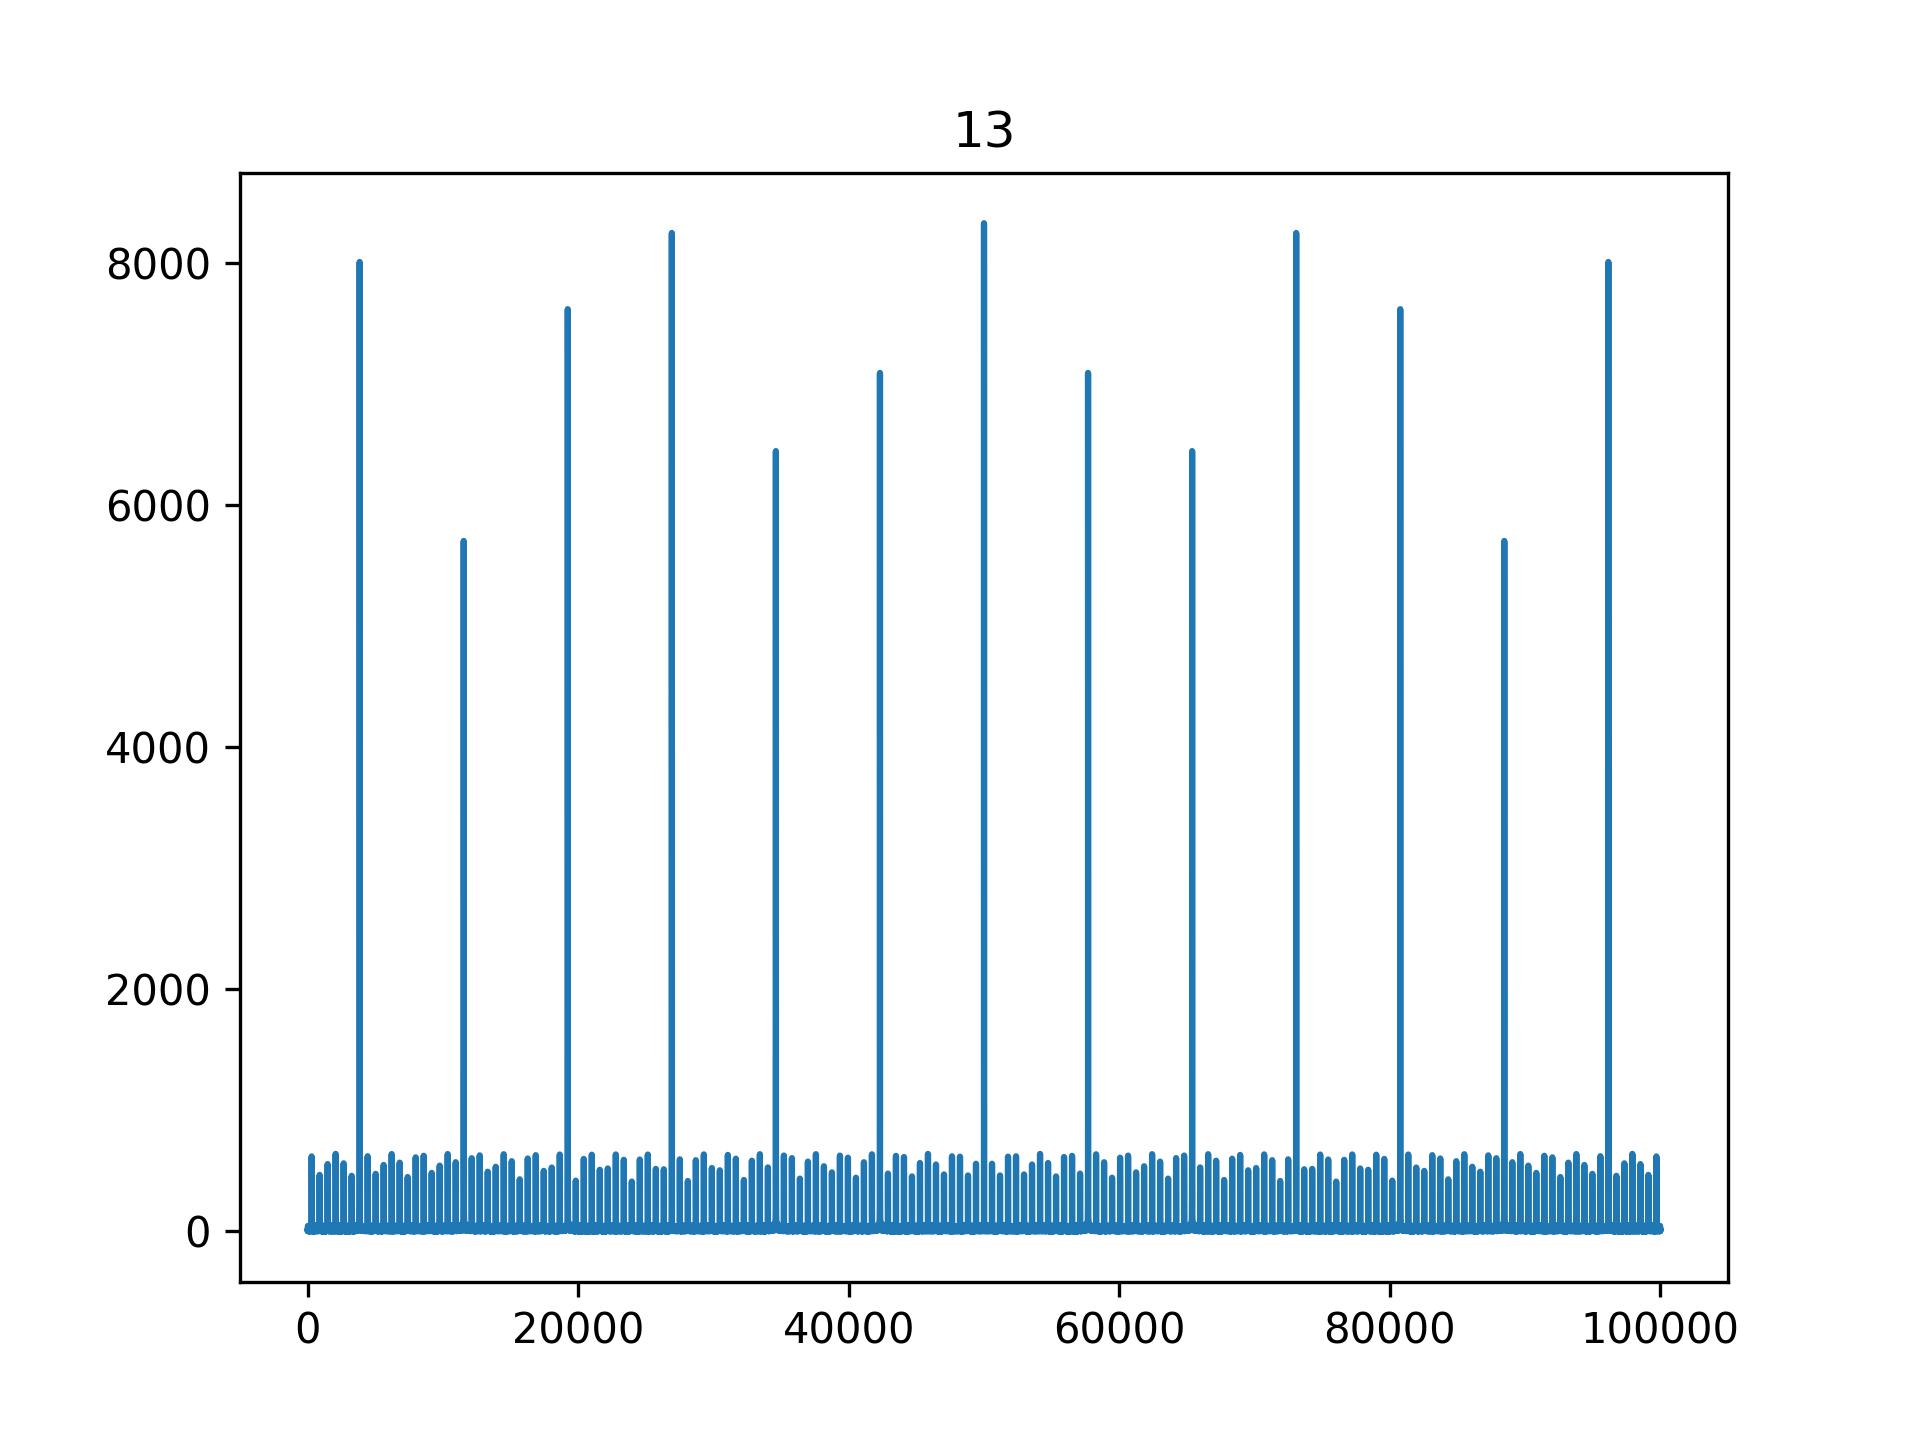 Magnitude Spectrum of '13'